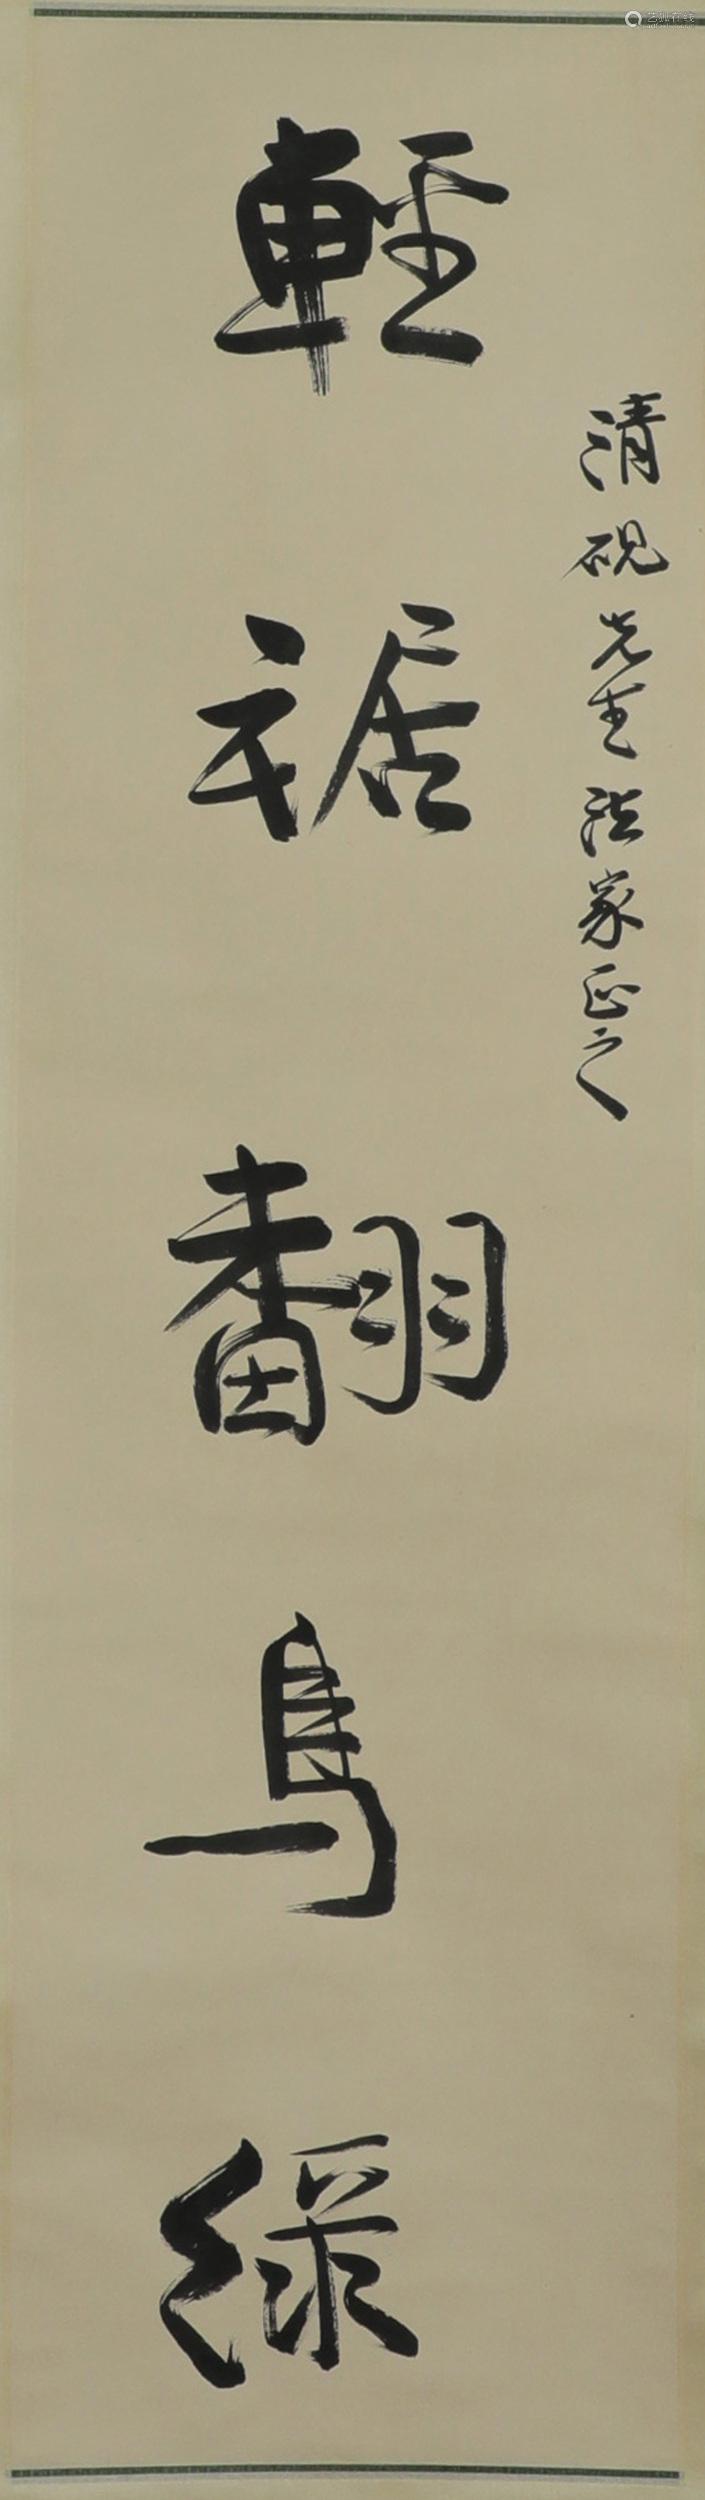 Daqian Zhang - Collagraphy